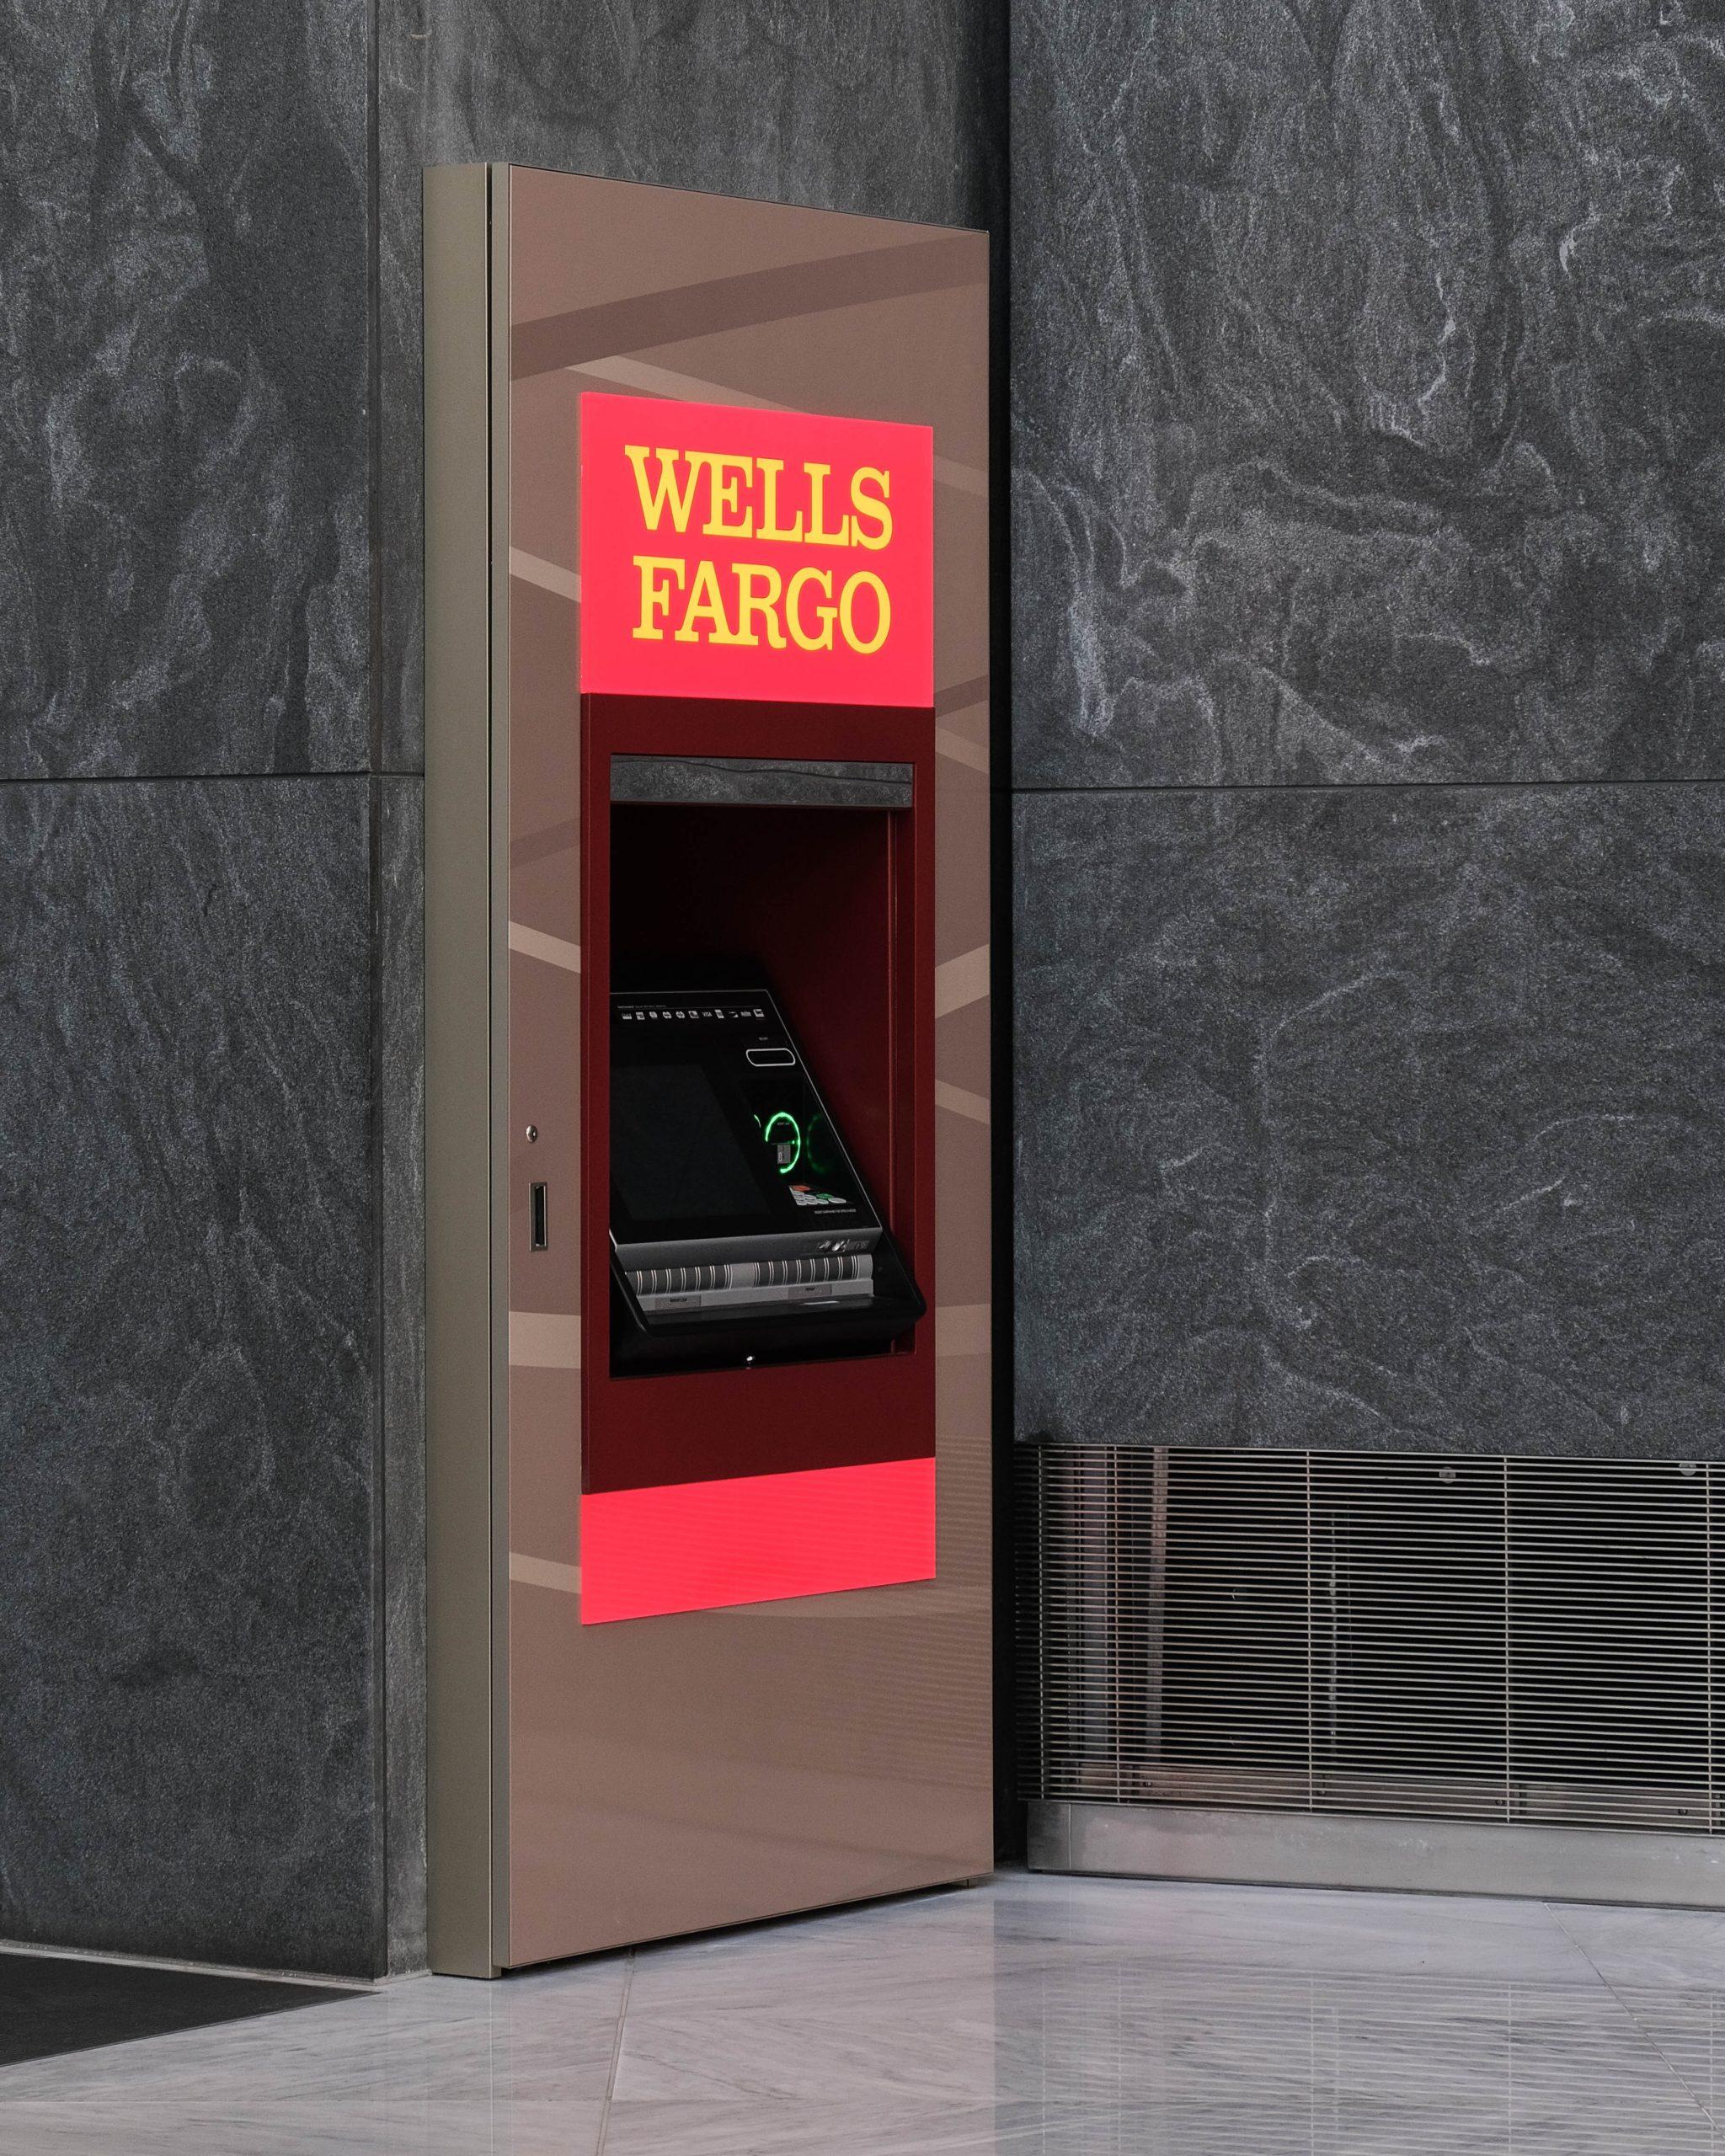 פקדונות מובנים בבנקים